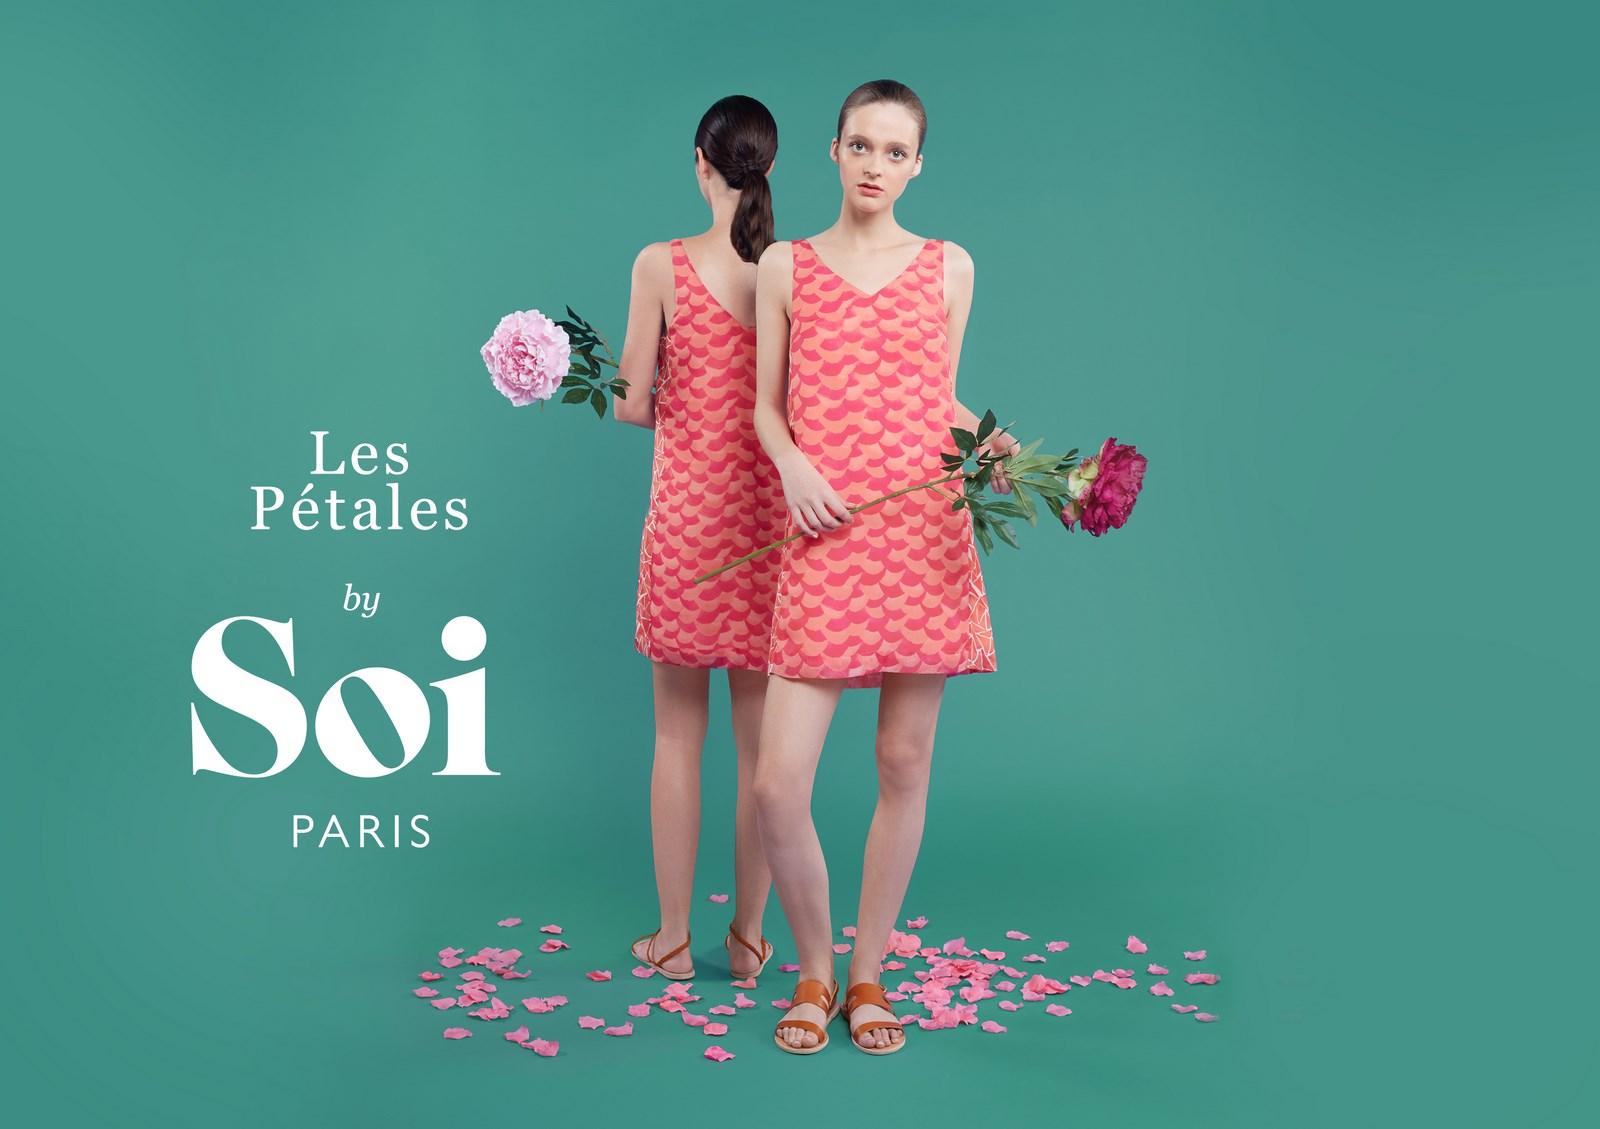 soi-paris-créateur-d-histoires-à-porter, soi-paris, soi-vêtements, vêtements-soi, du-dessin-aux-podiums, jeune-marque, marque-pret-à-porter, dudessinauxpodiums, pret-à-porter-femme